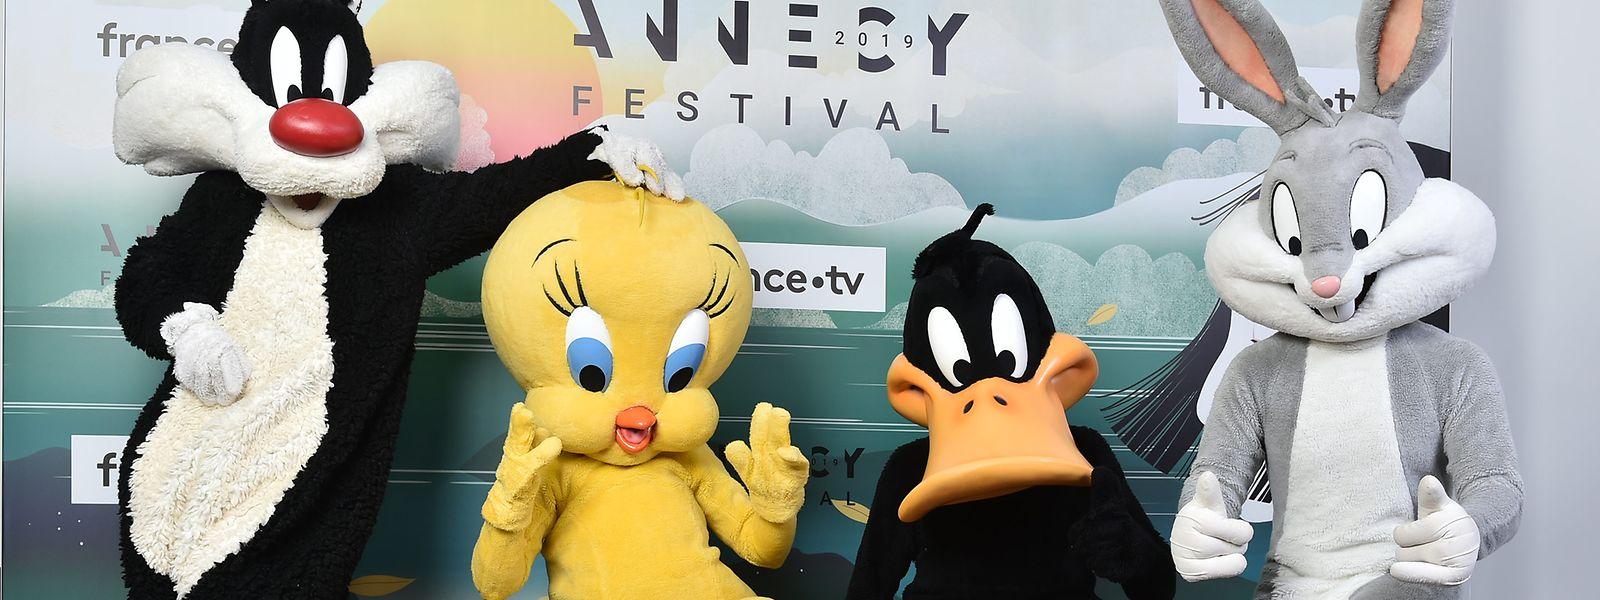 Looney Tunes Cartoons – Bugs Bunny und seine Freunde sind in Annecy.